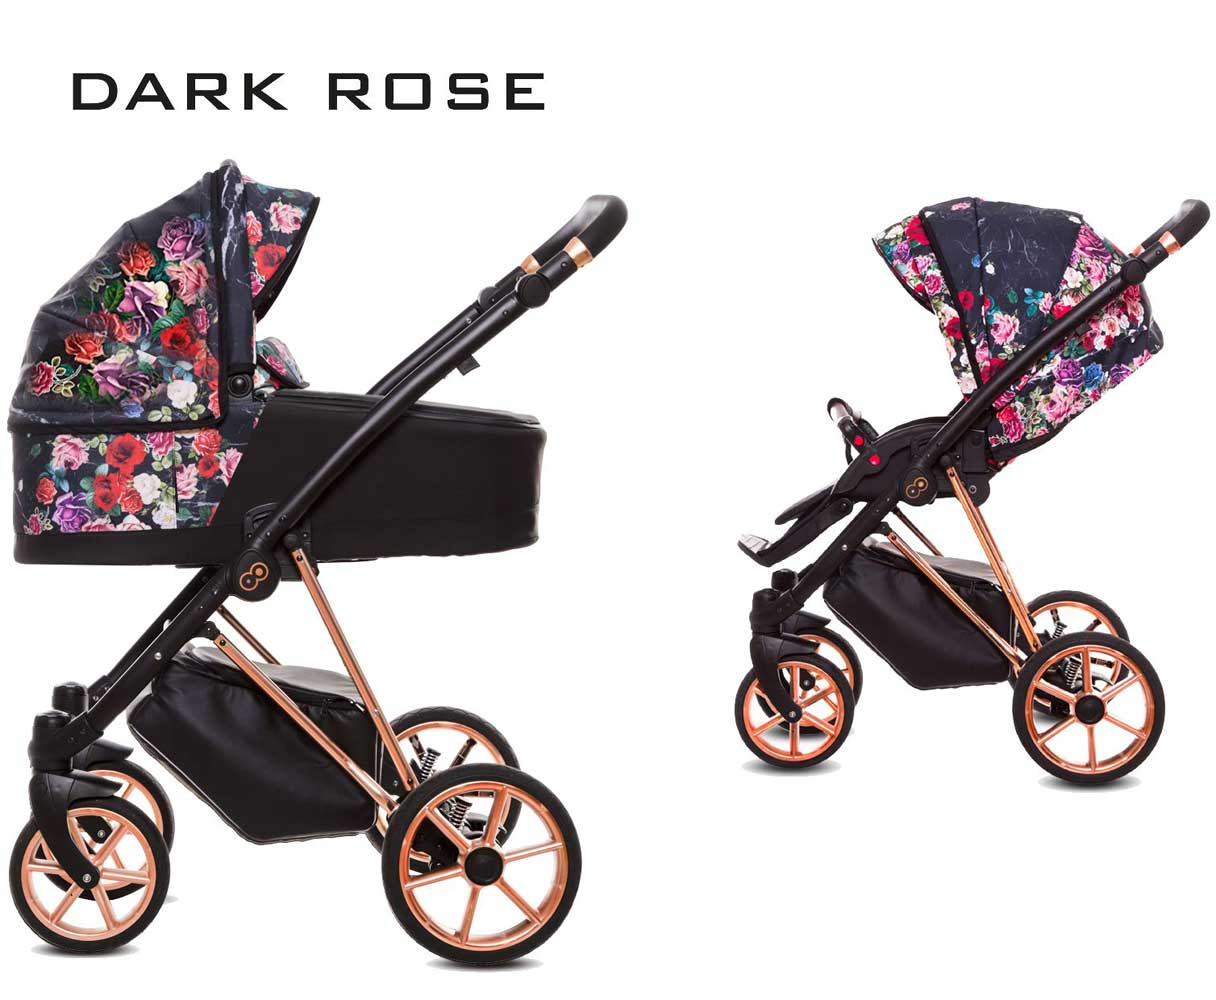 Musse Rosse Barnvagn Dark Rose rose-gold 04